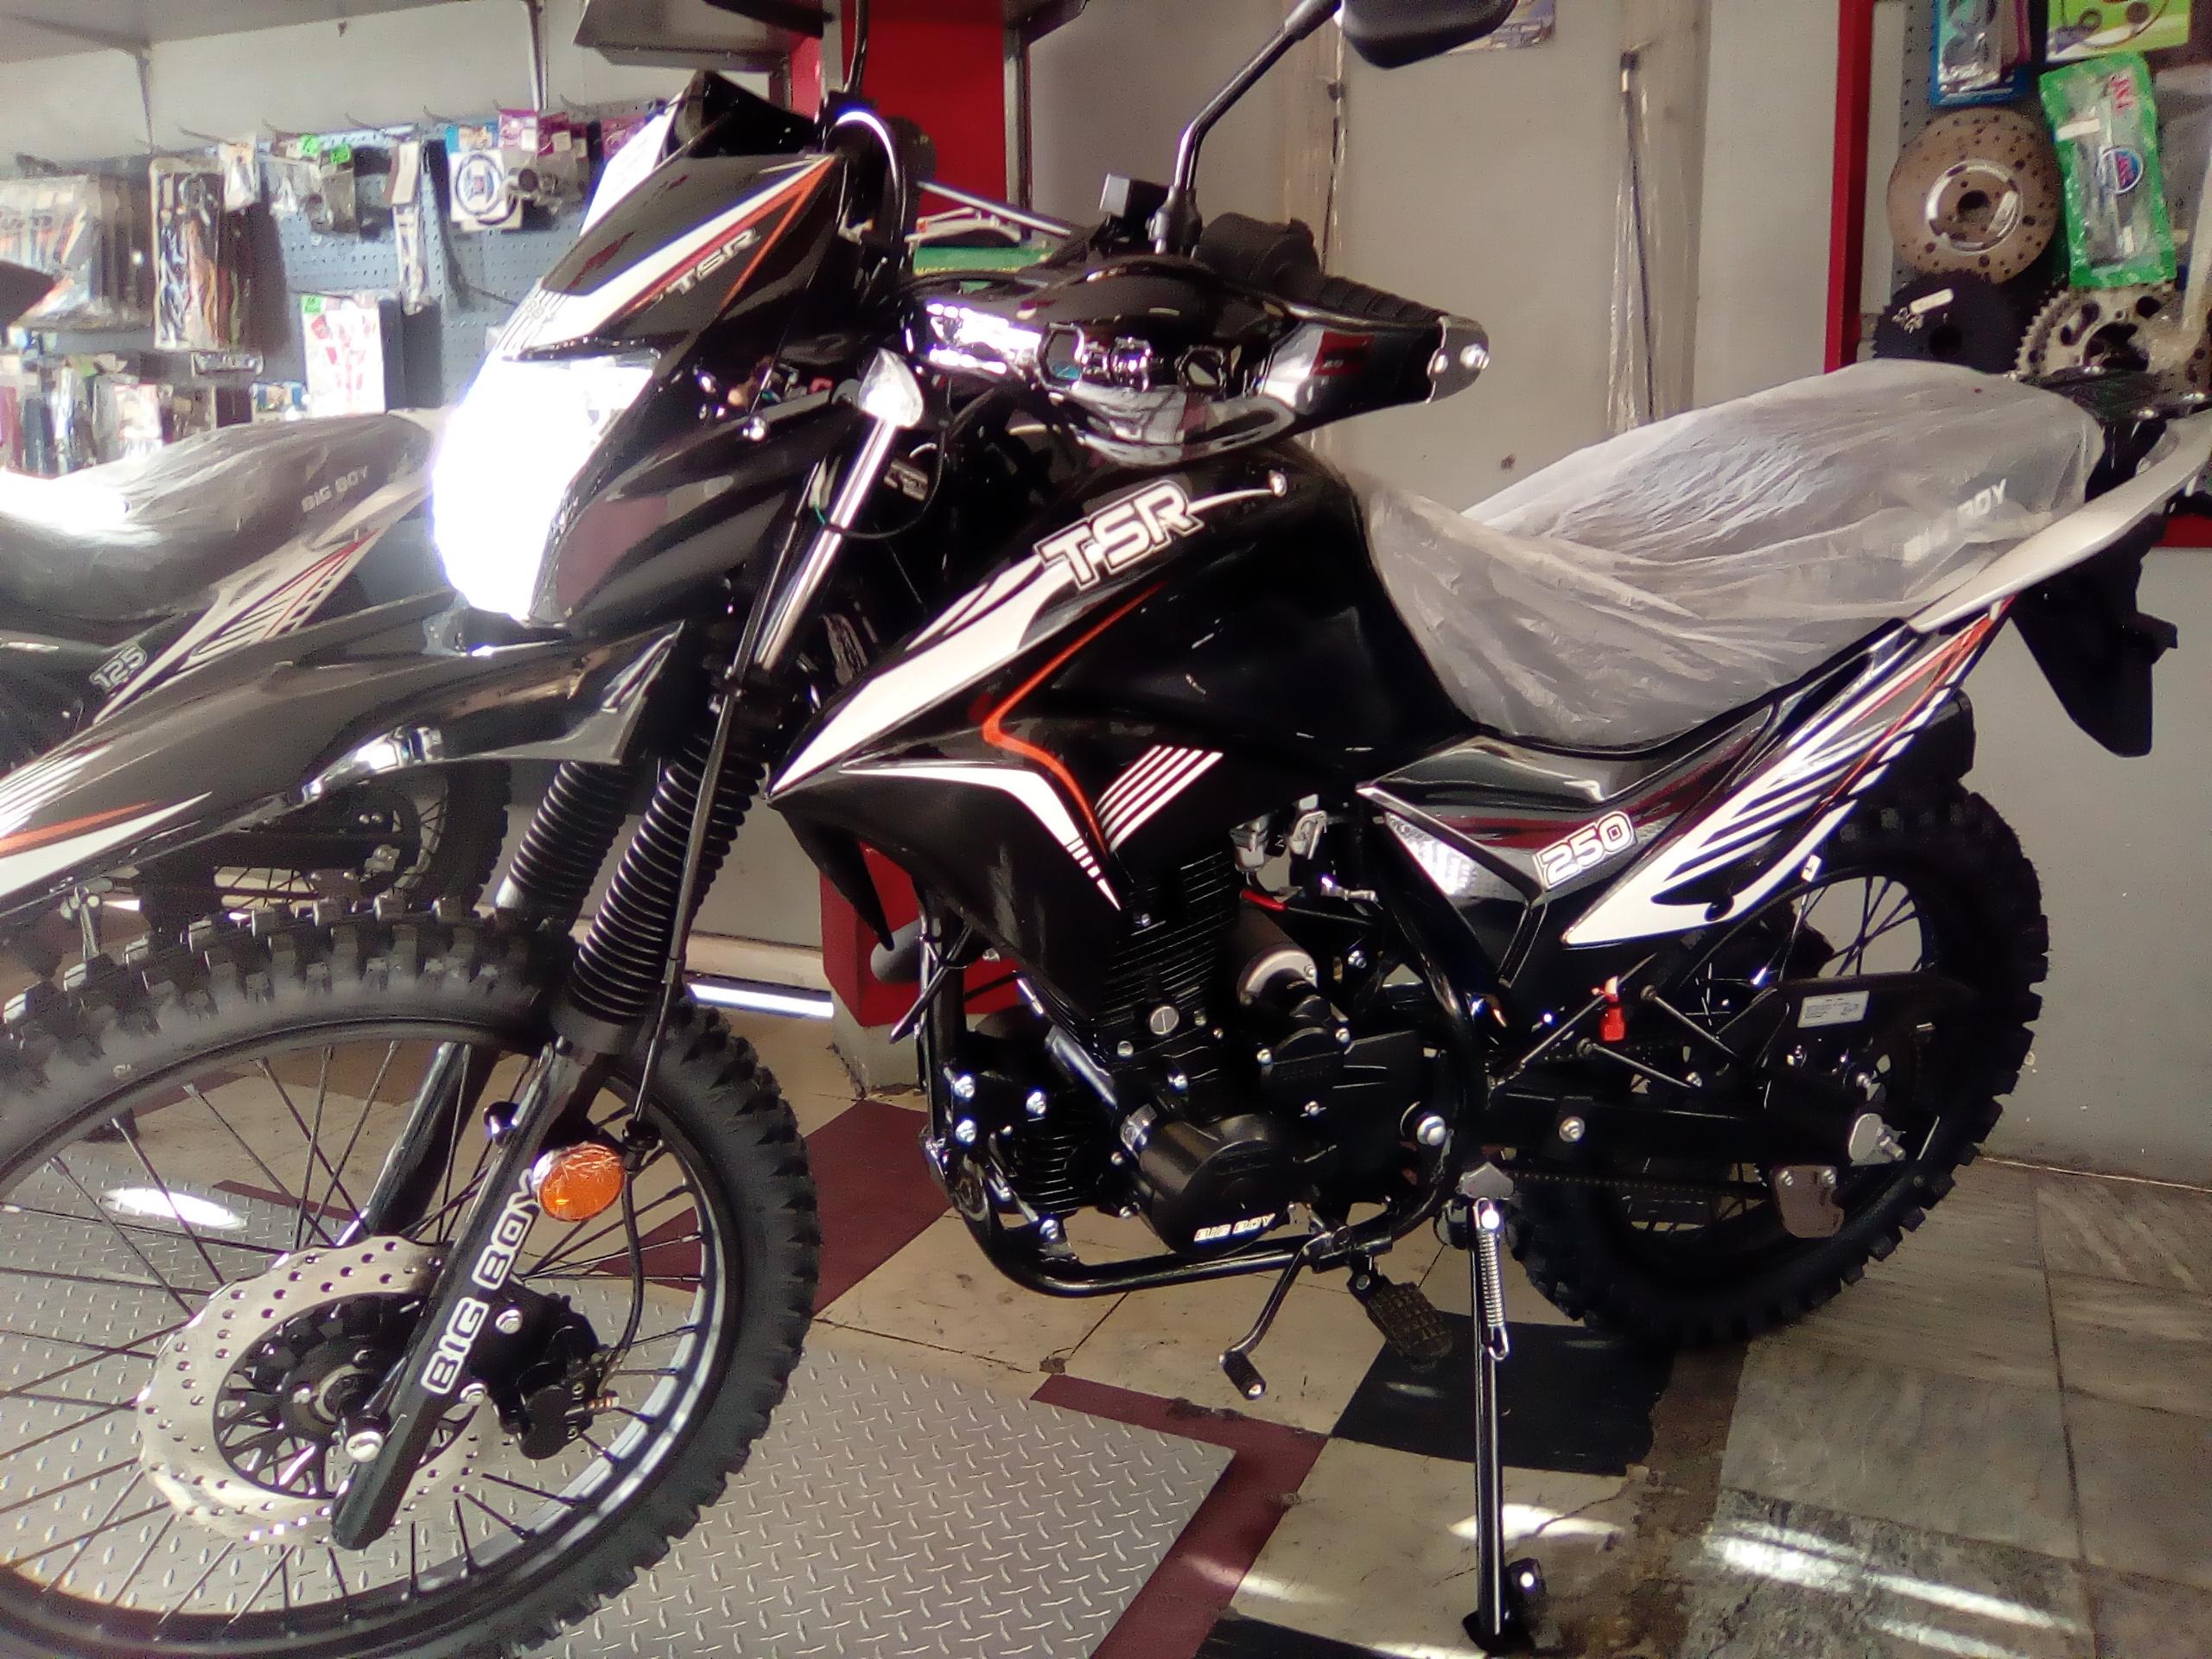 -big-boy-tsr-2502--r26-99900